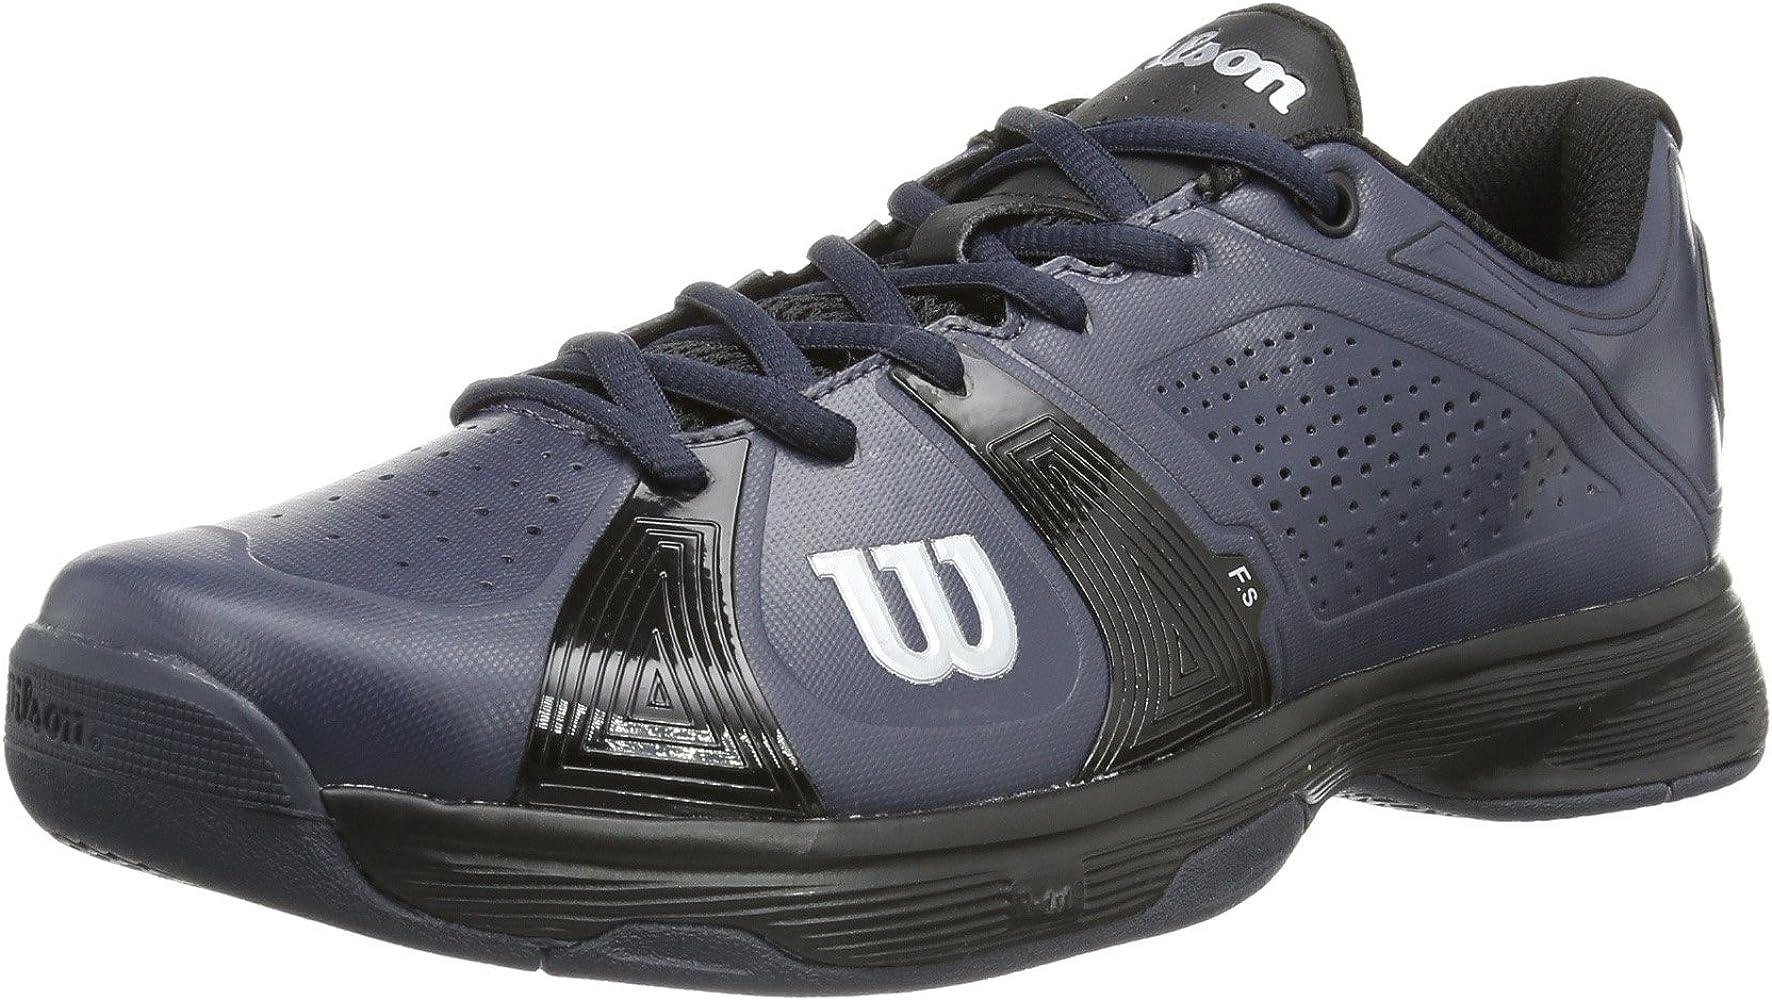 Wilson Rush Sport 7, Zapatillas de Tenis para Hombre, Multicolor ...